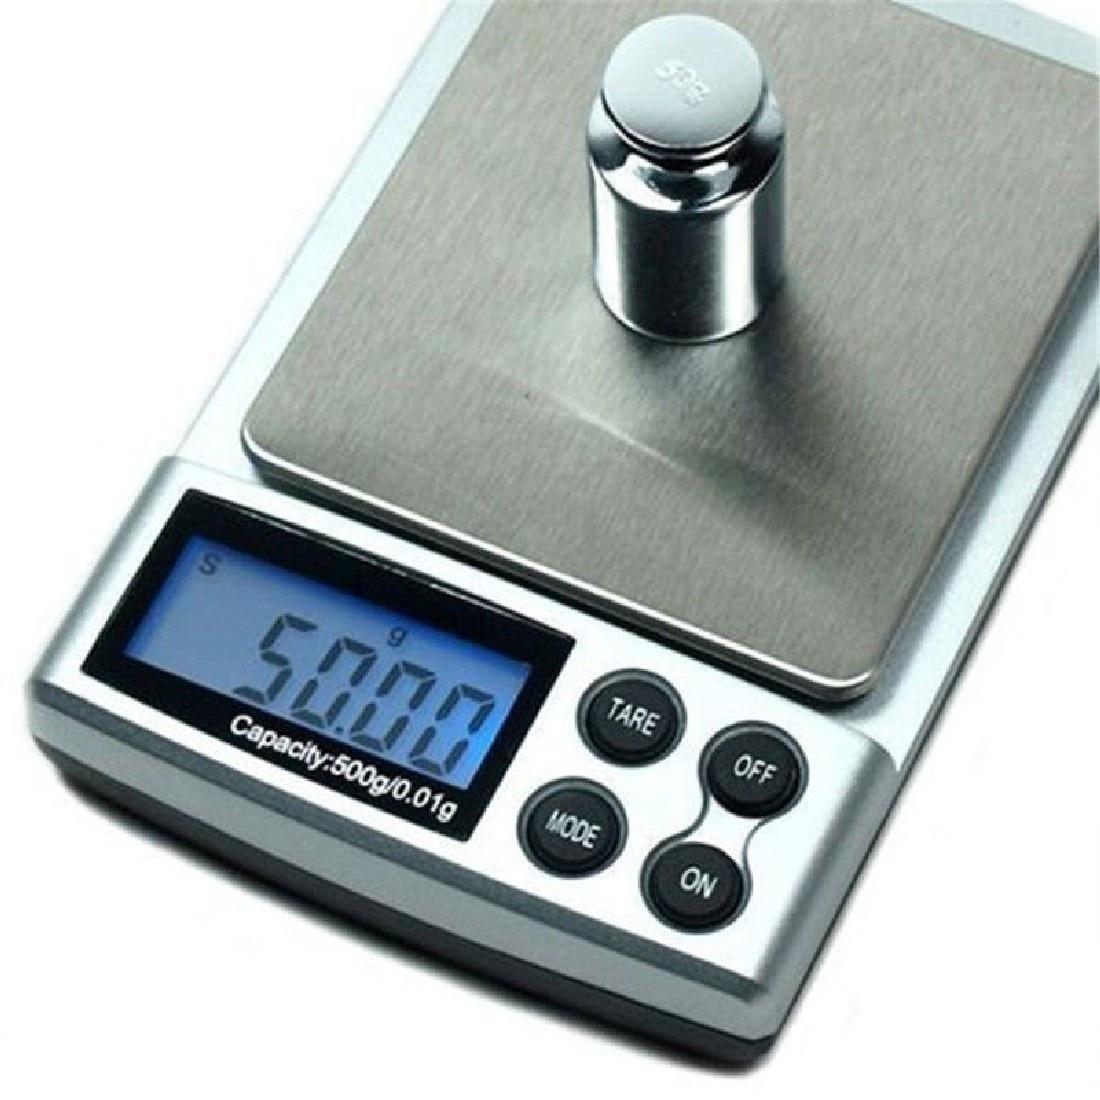 1vnt 500g x 0,01g skaitmeninės tikslios skalės aukso sidabro - Matavimo prietaisai - Nuotrauka 4